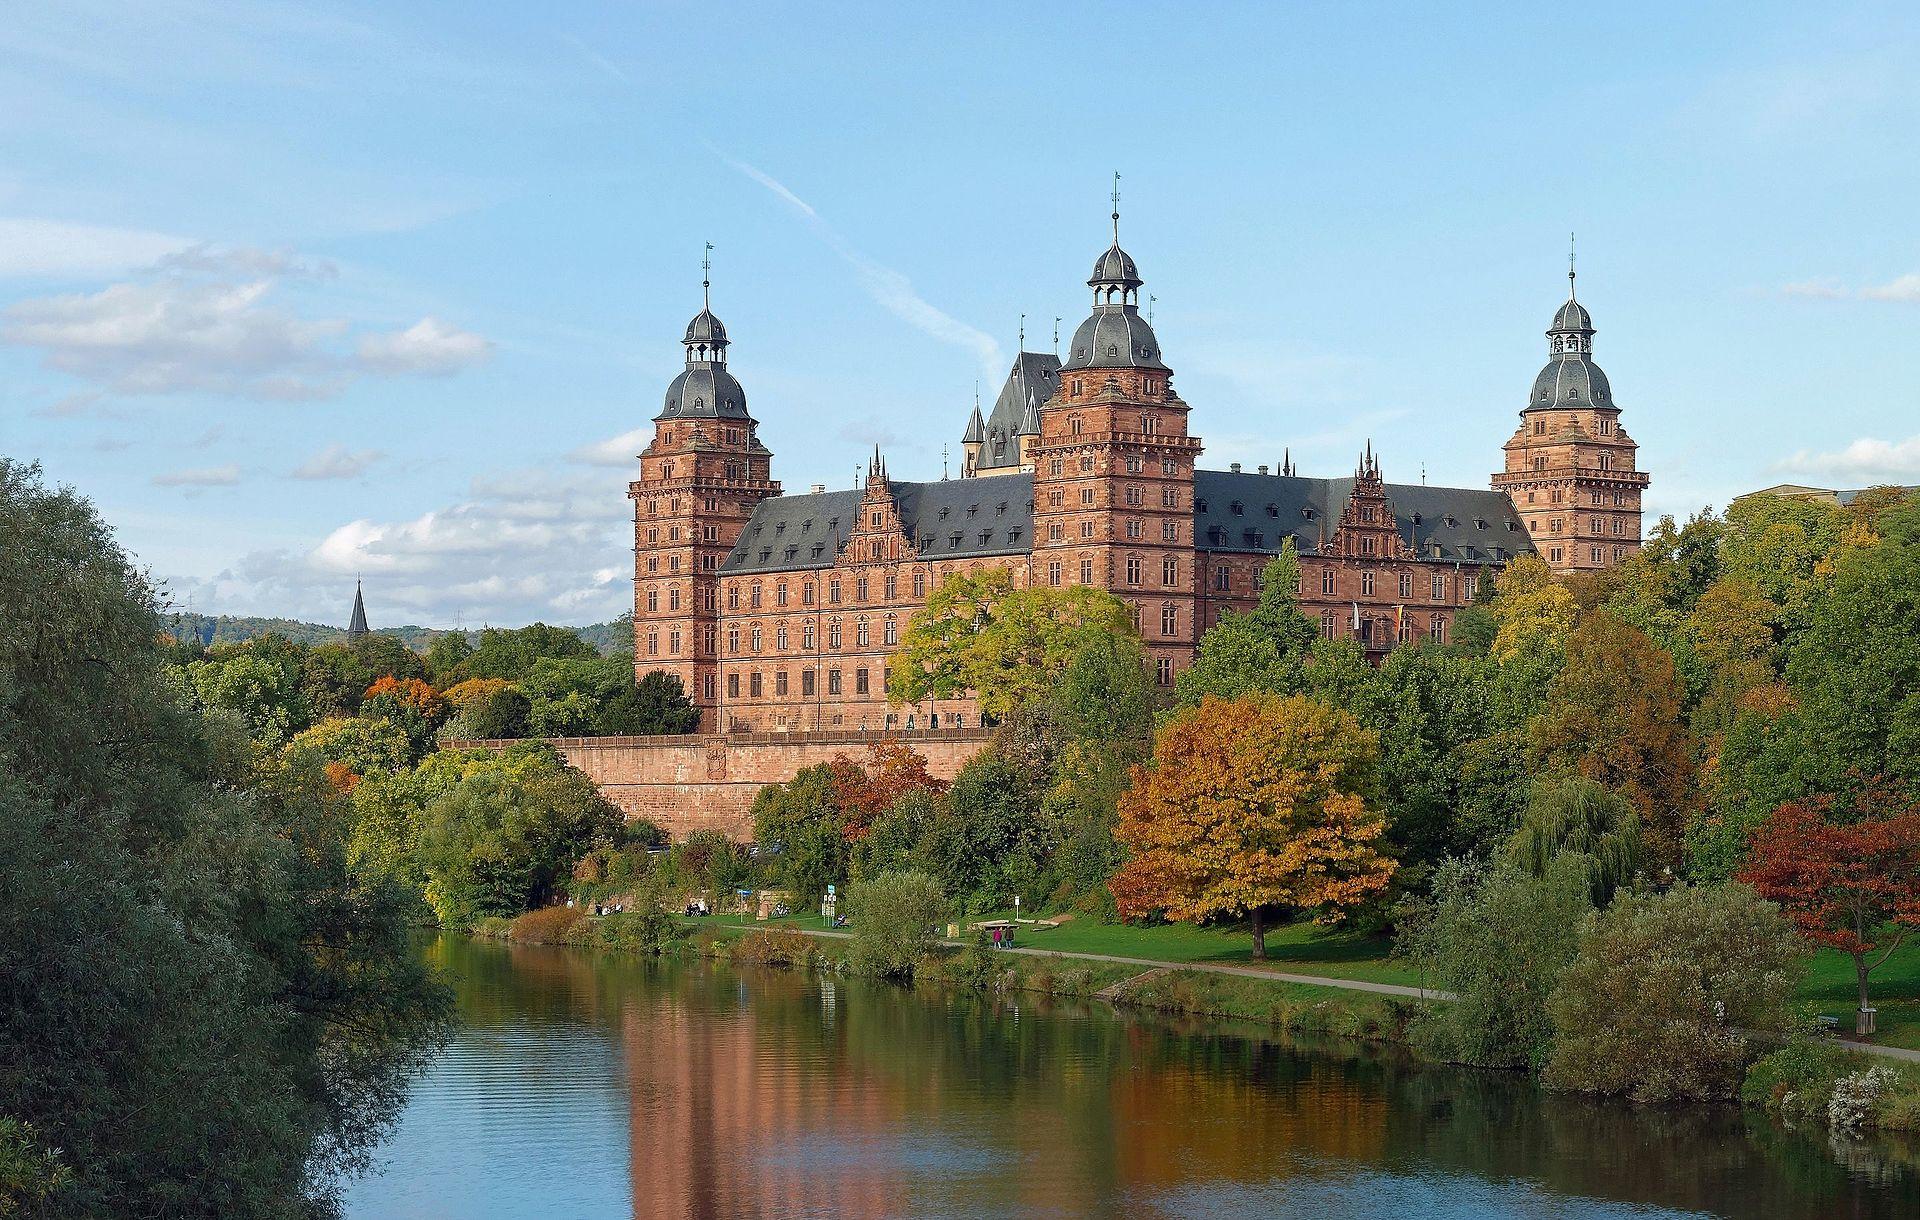 Bild Schloss Johannisburg Aschaffenburg